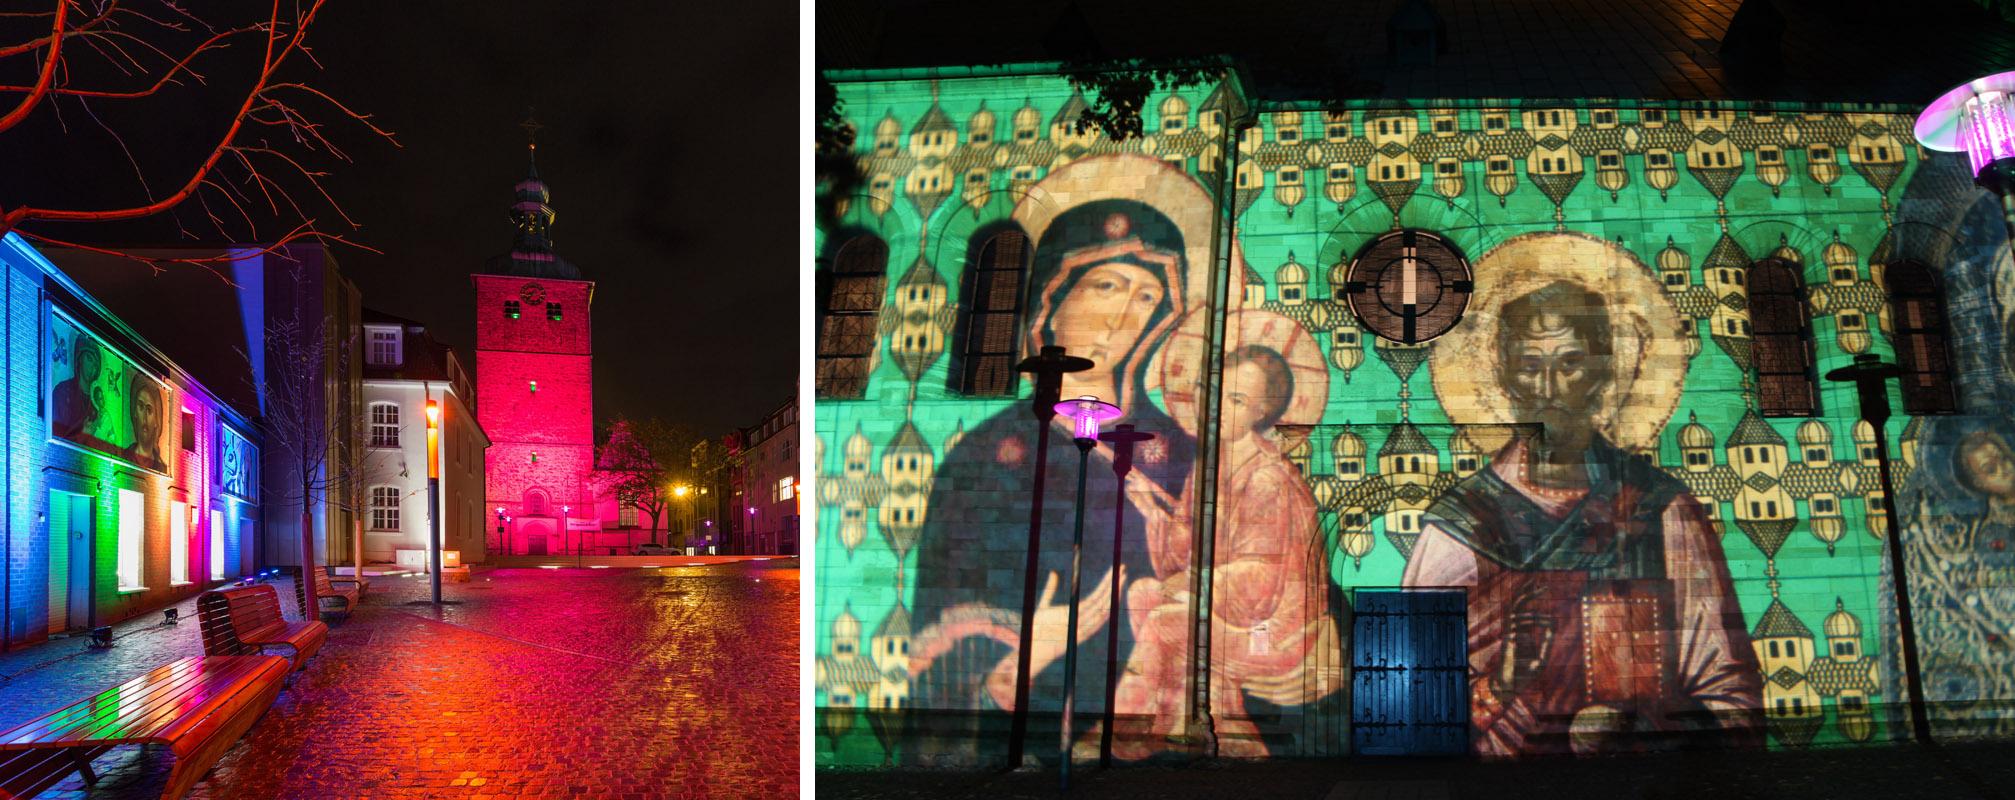 Das Bild zeigt die beleuchteten Fassaden des Ikonenmuseums Recklinghausen und der Pfarrkirche St. Peter